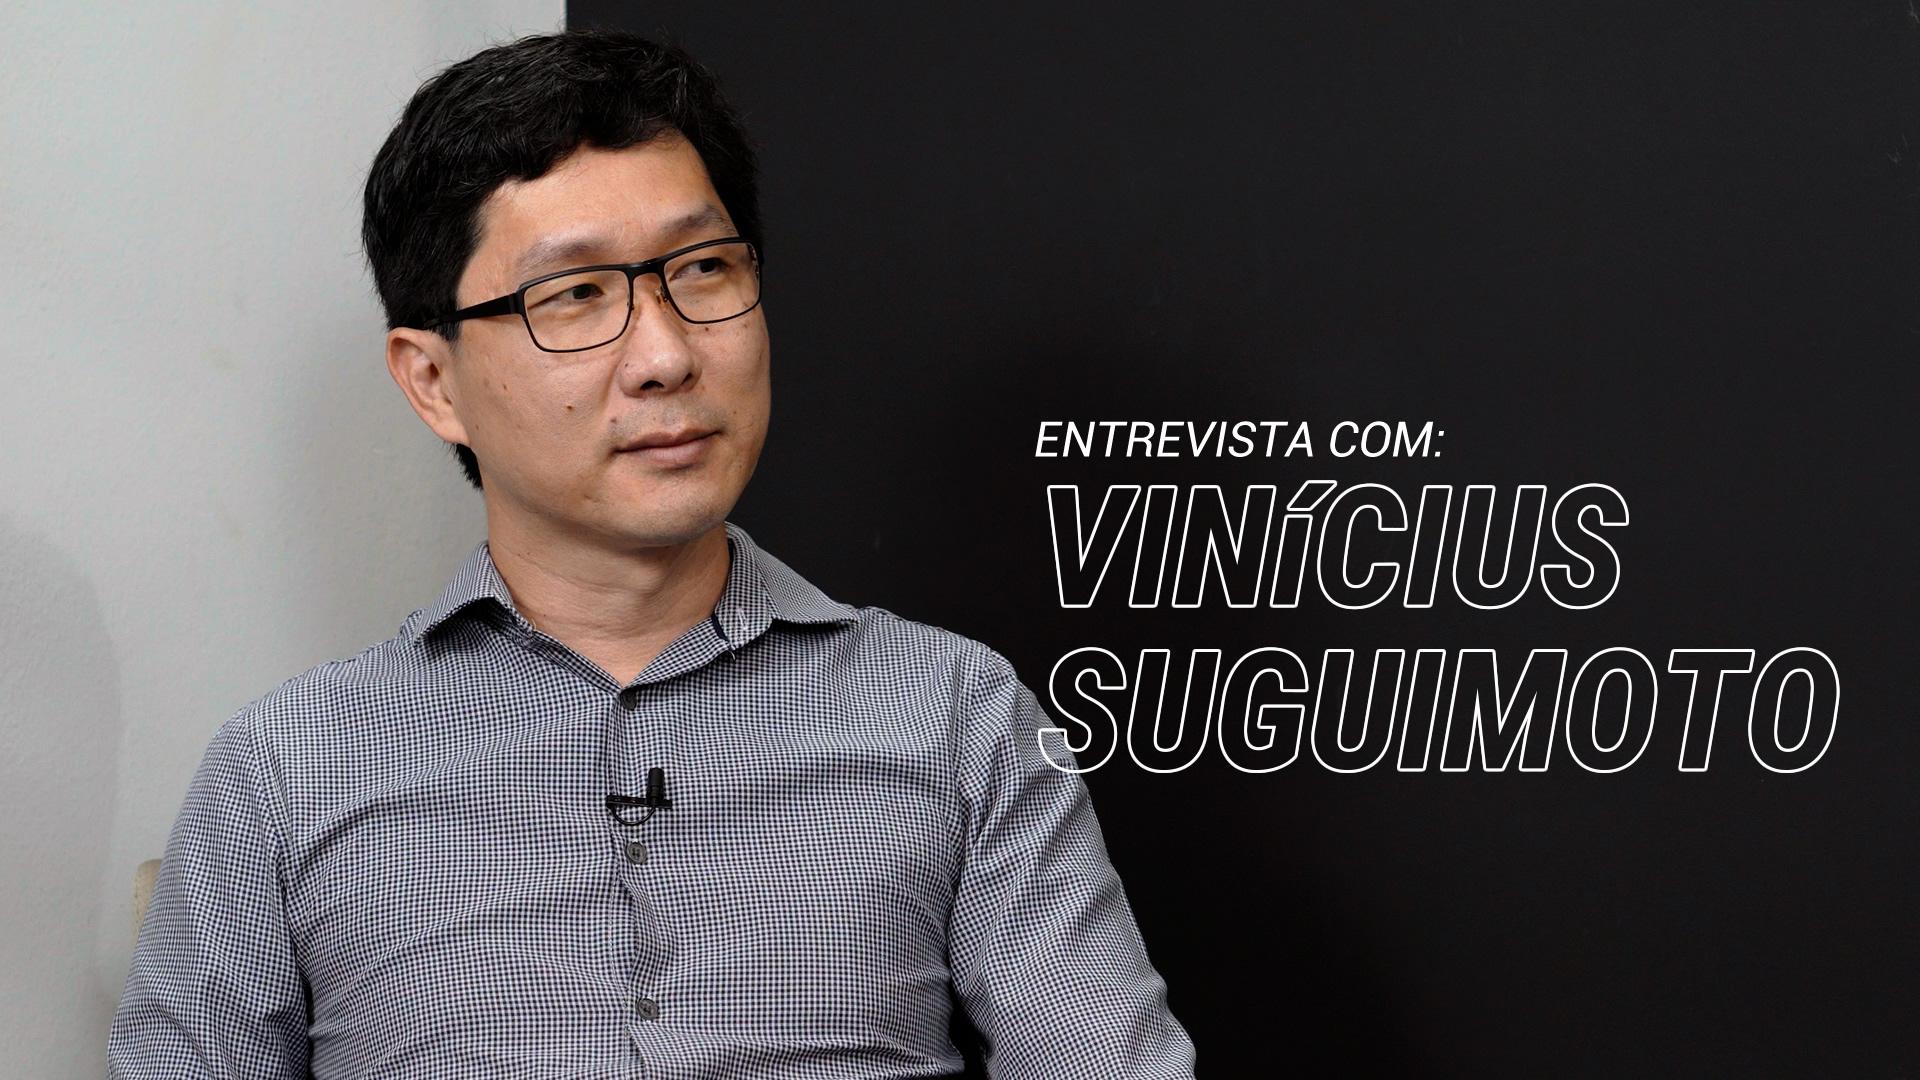 Vinicius suguimoto